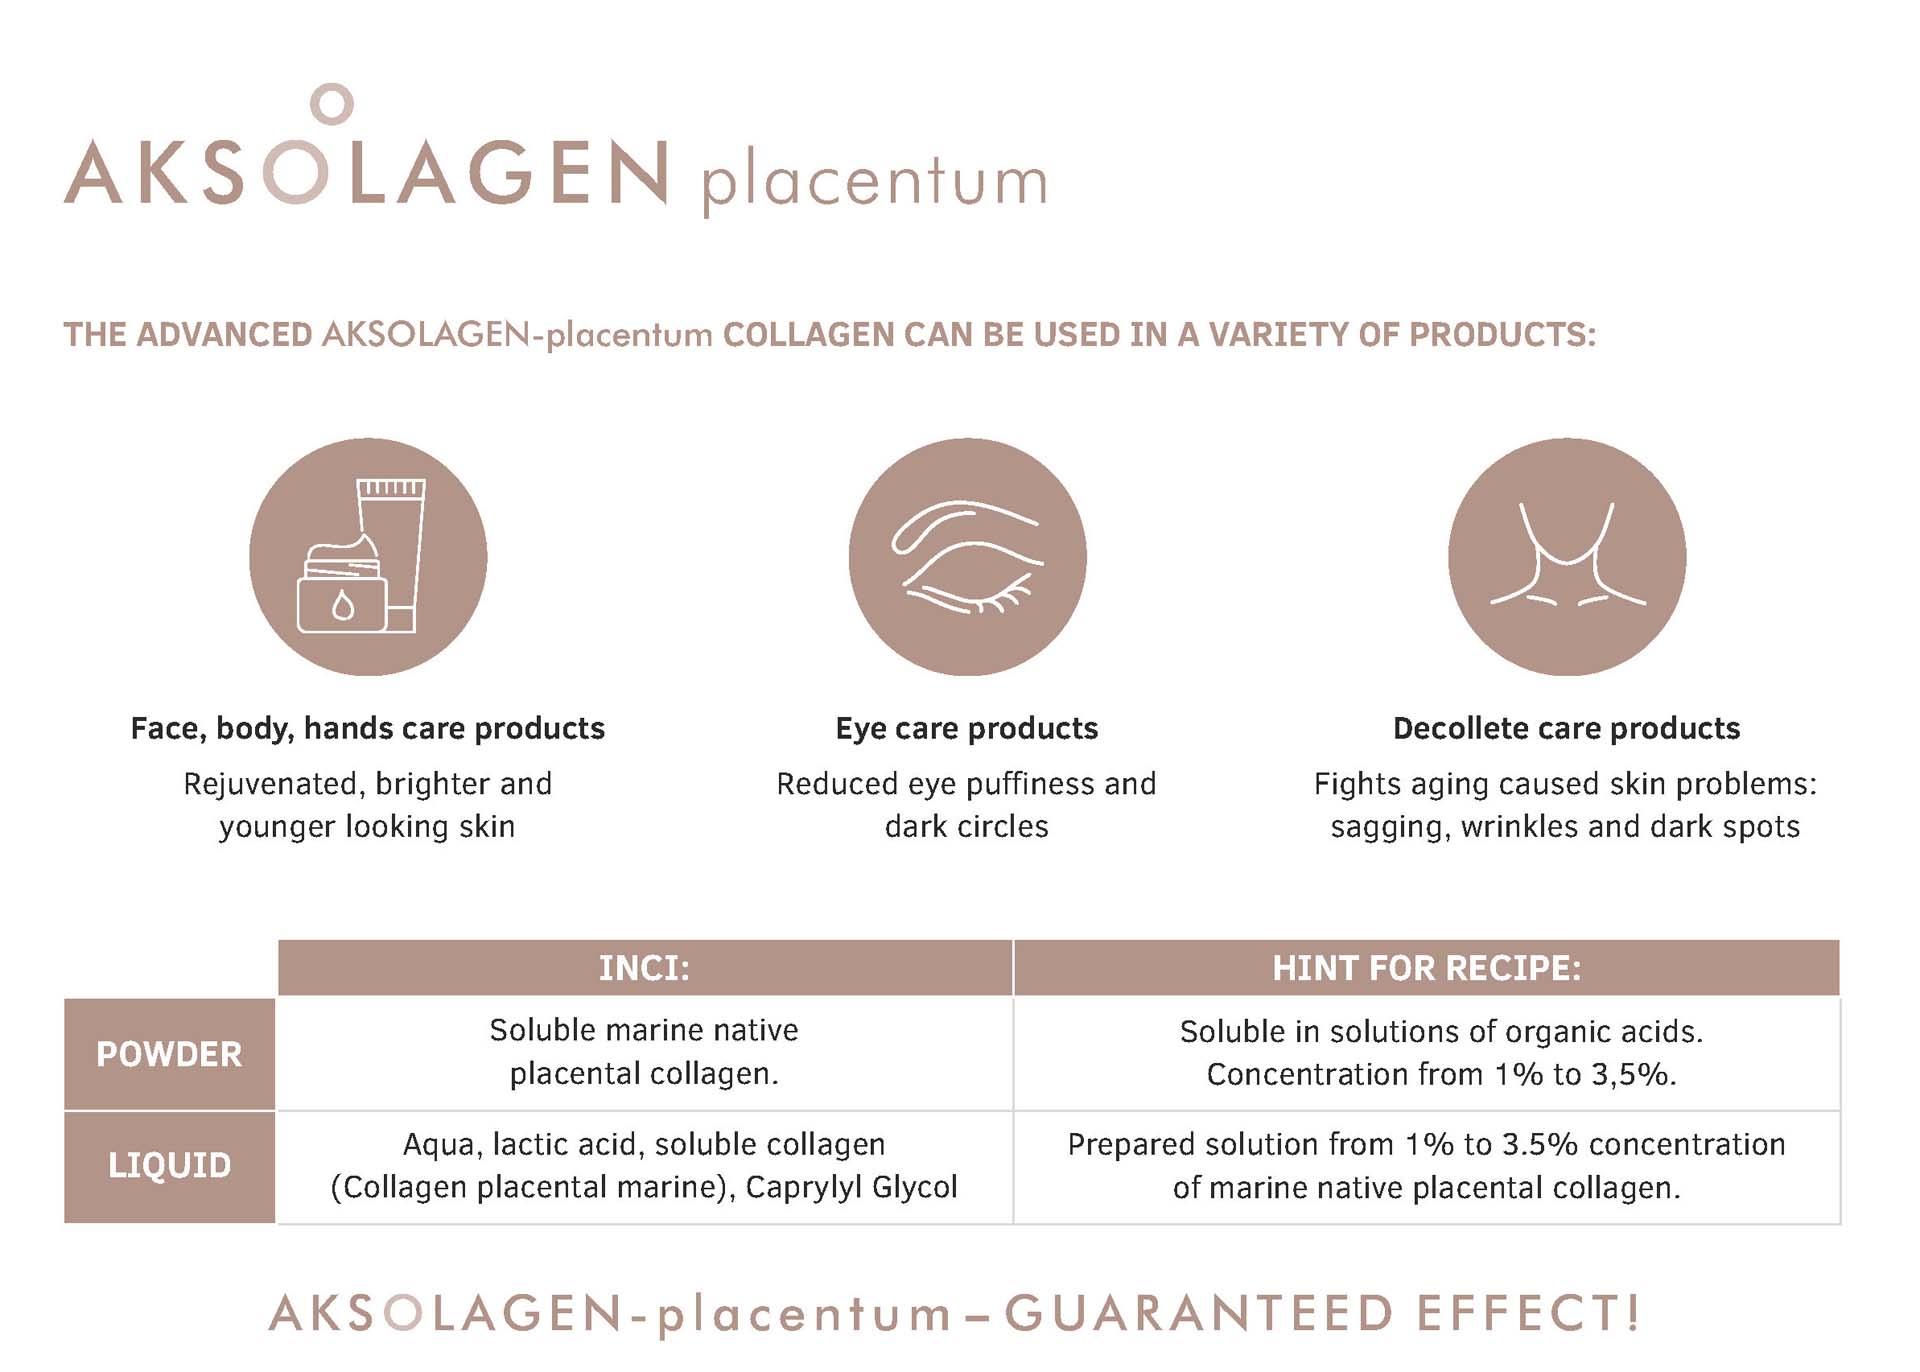 Aksolagen Pacentum Info